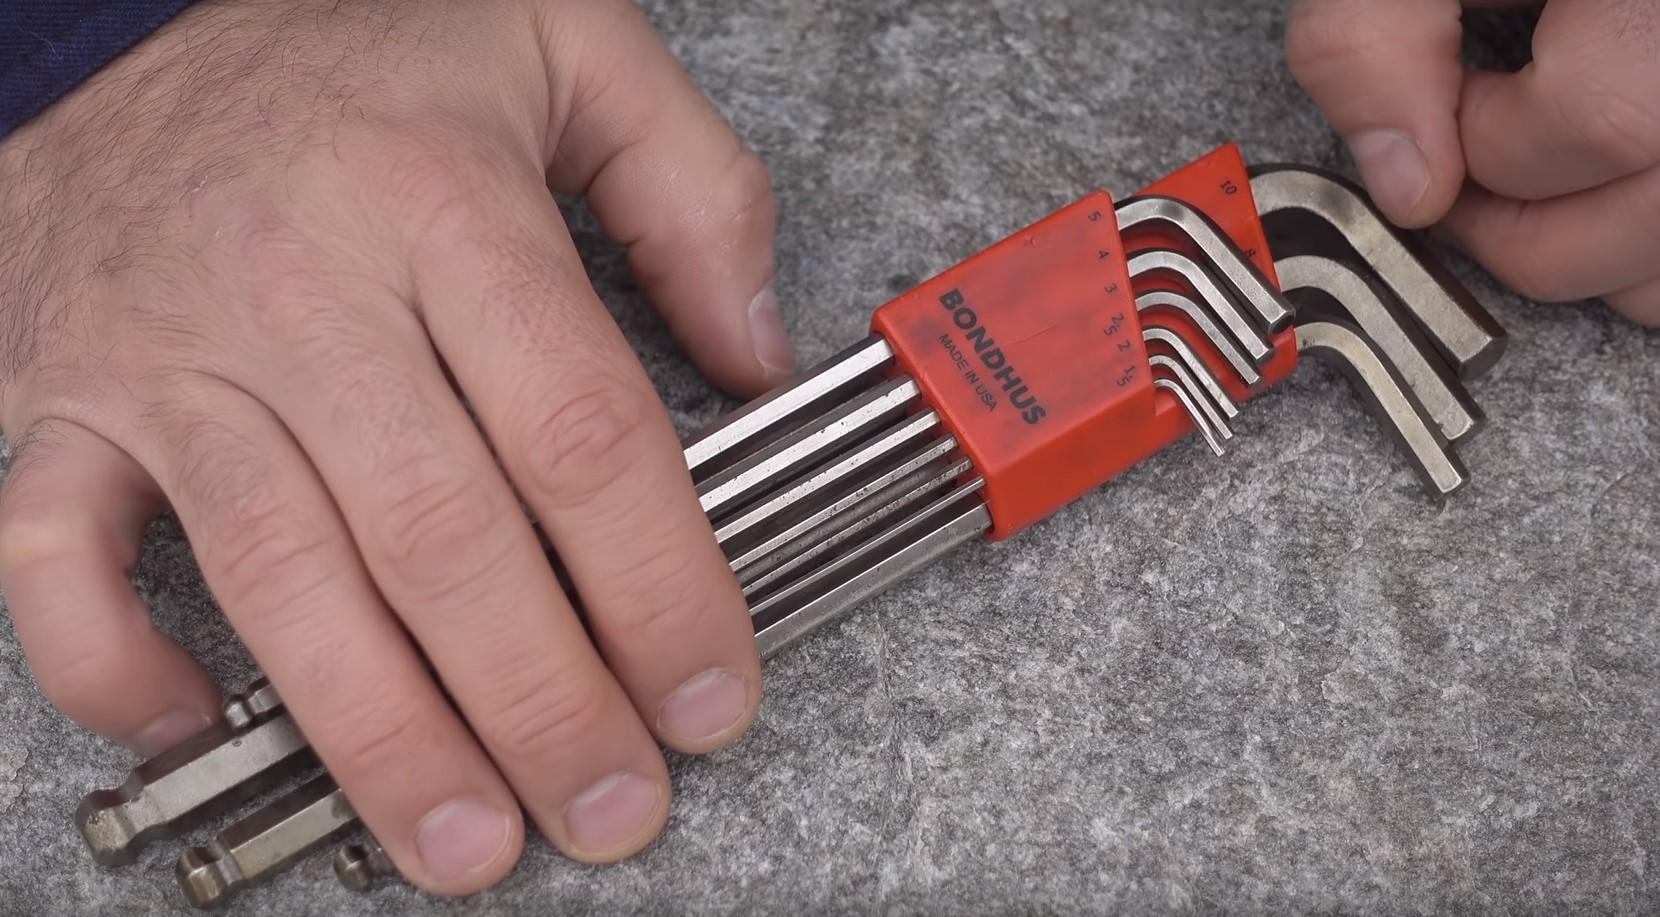 Набор инструментов для начинающего вело любителя.